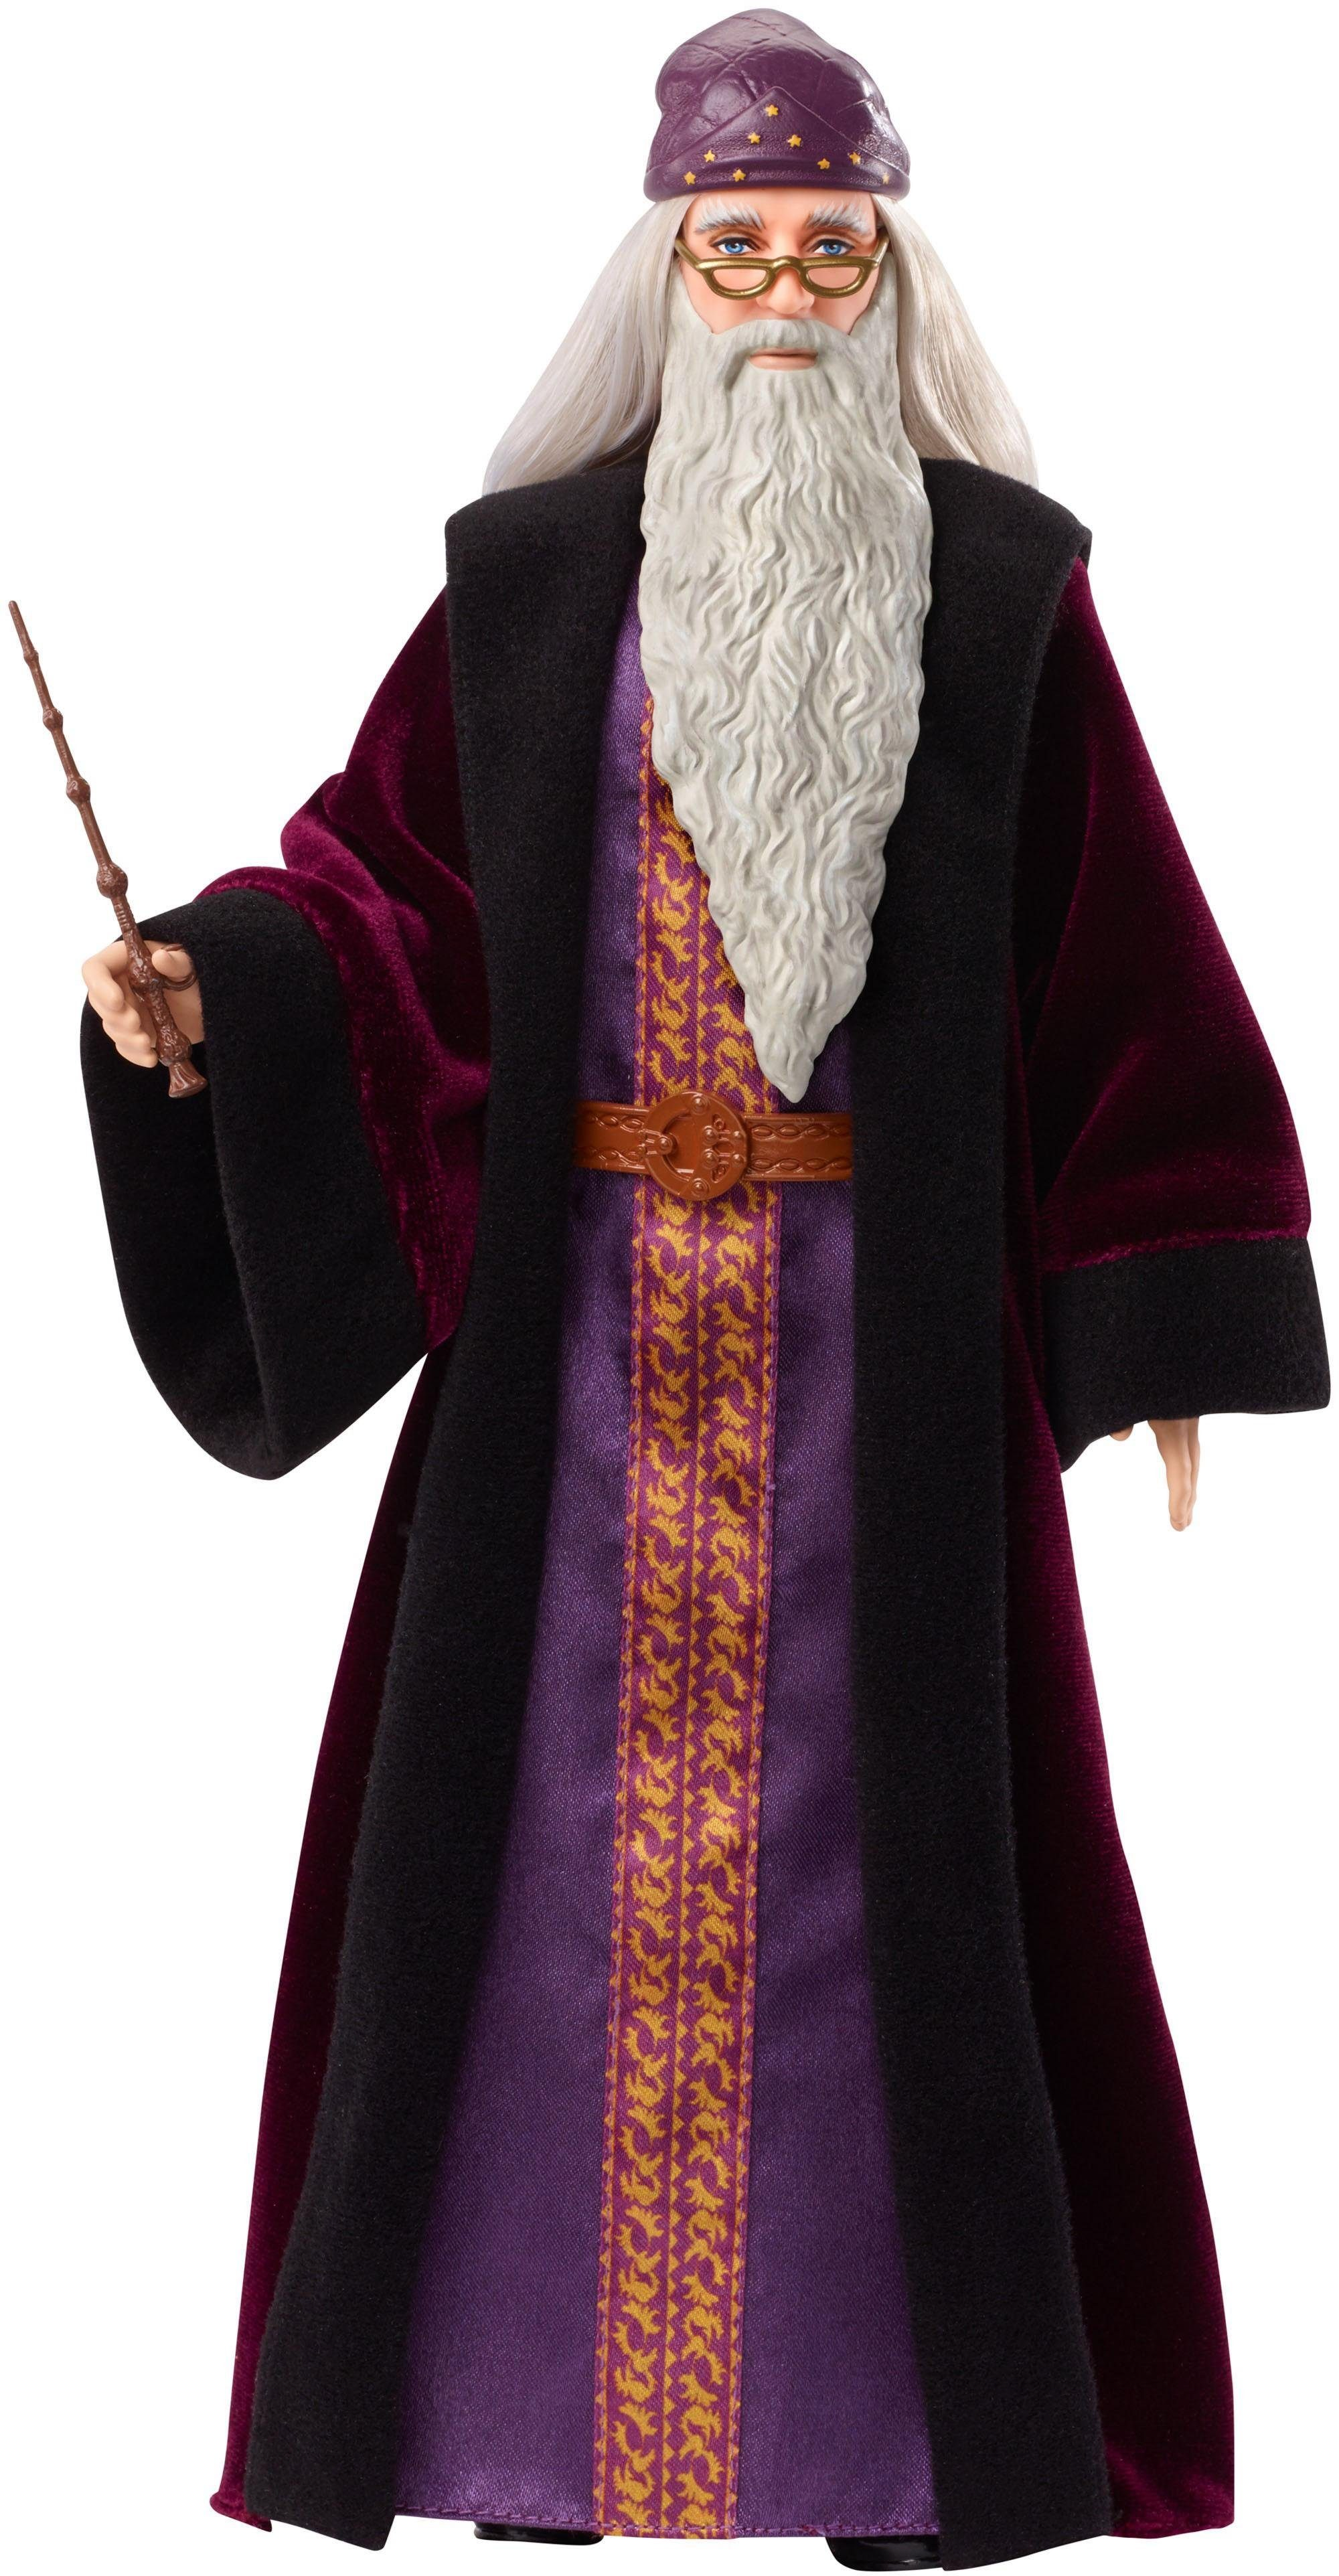 Mattel Puppe, »Harry Potter und Die Kammer des Schreckens - Albus Dumbledore«